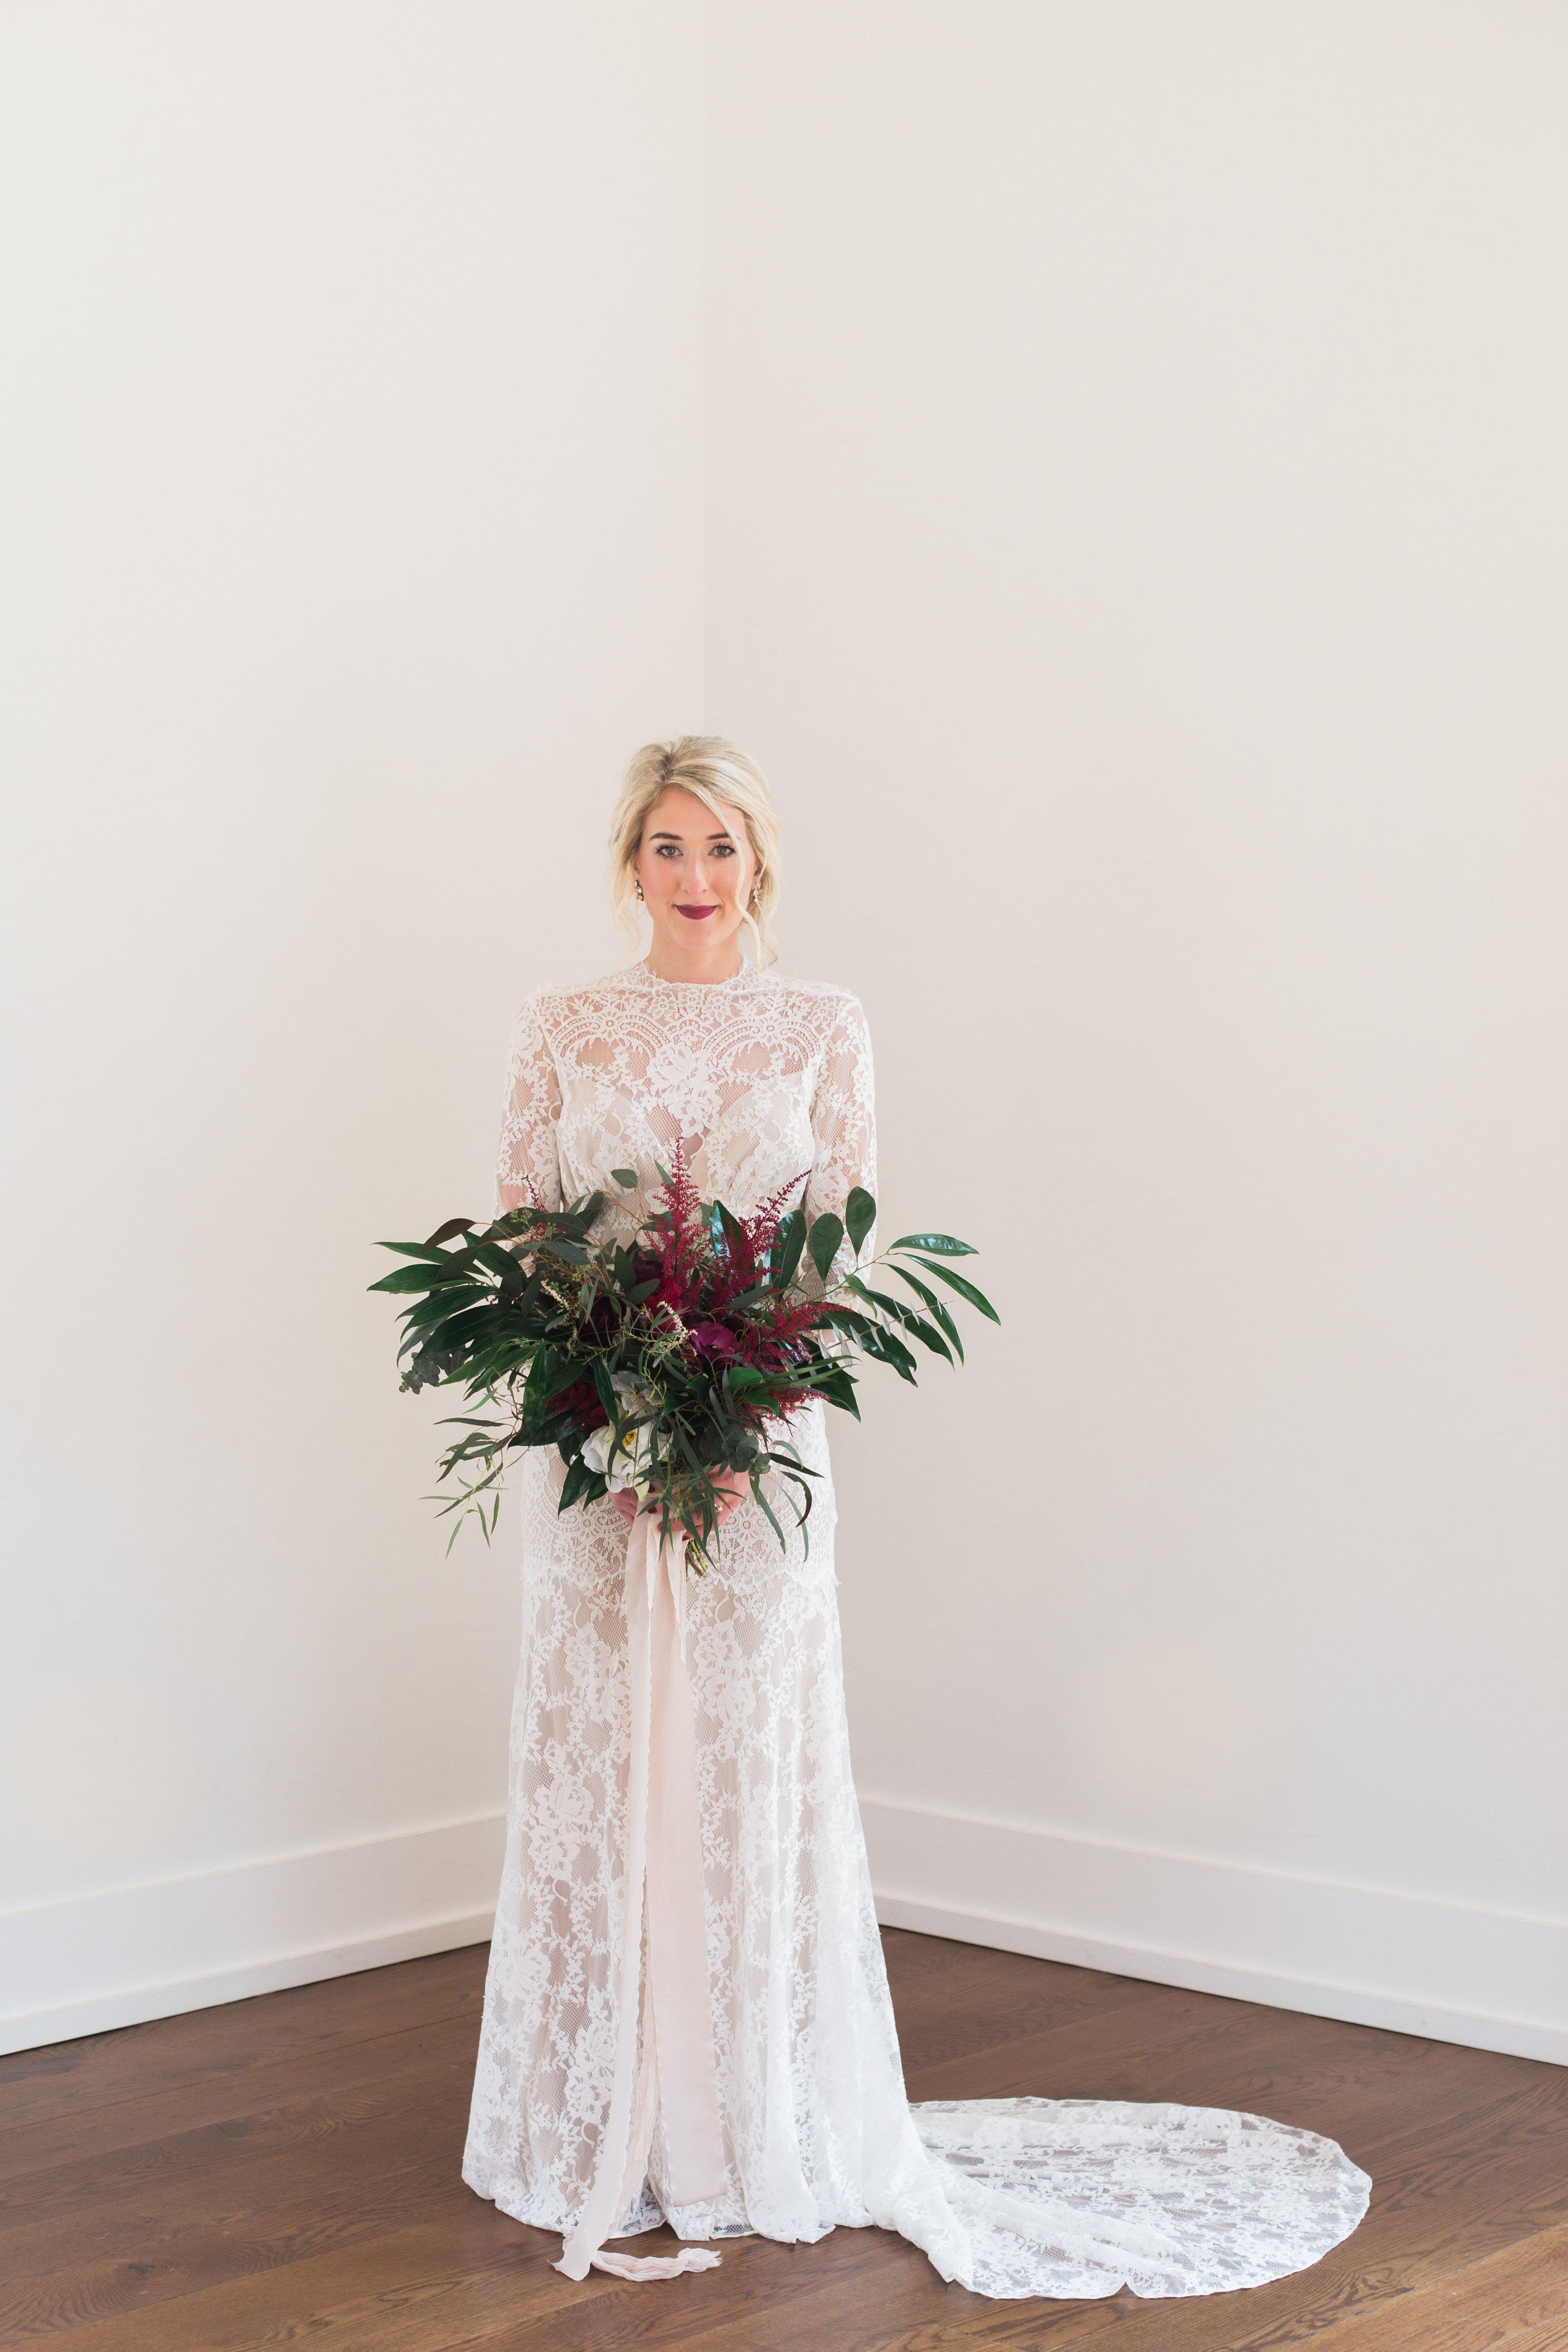 Lace Wedding Dress Wild Flower Greenery Bouquet Venue